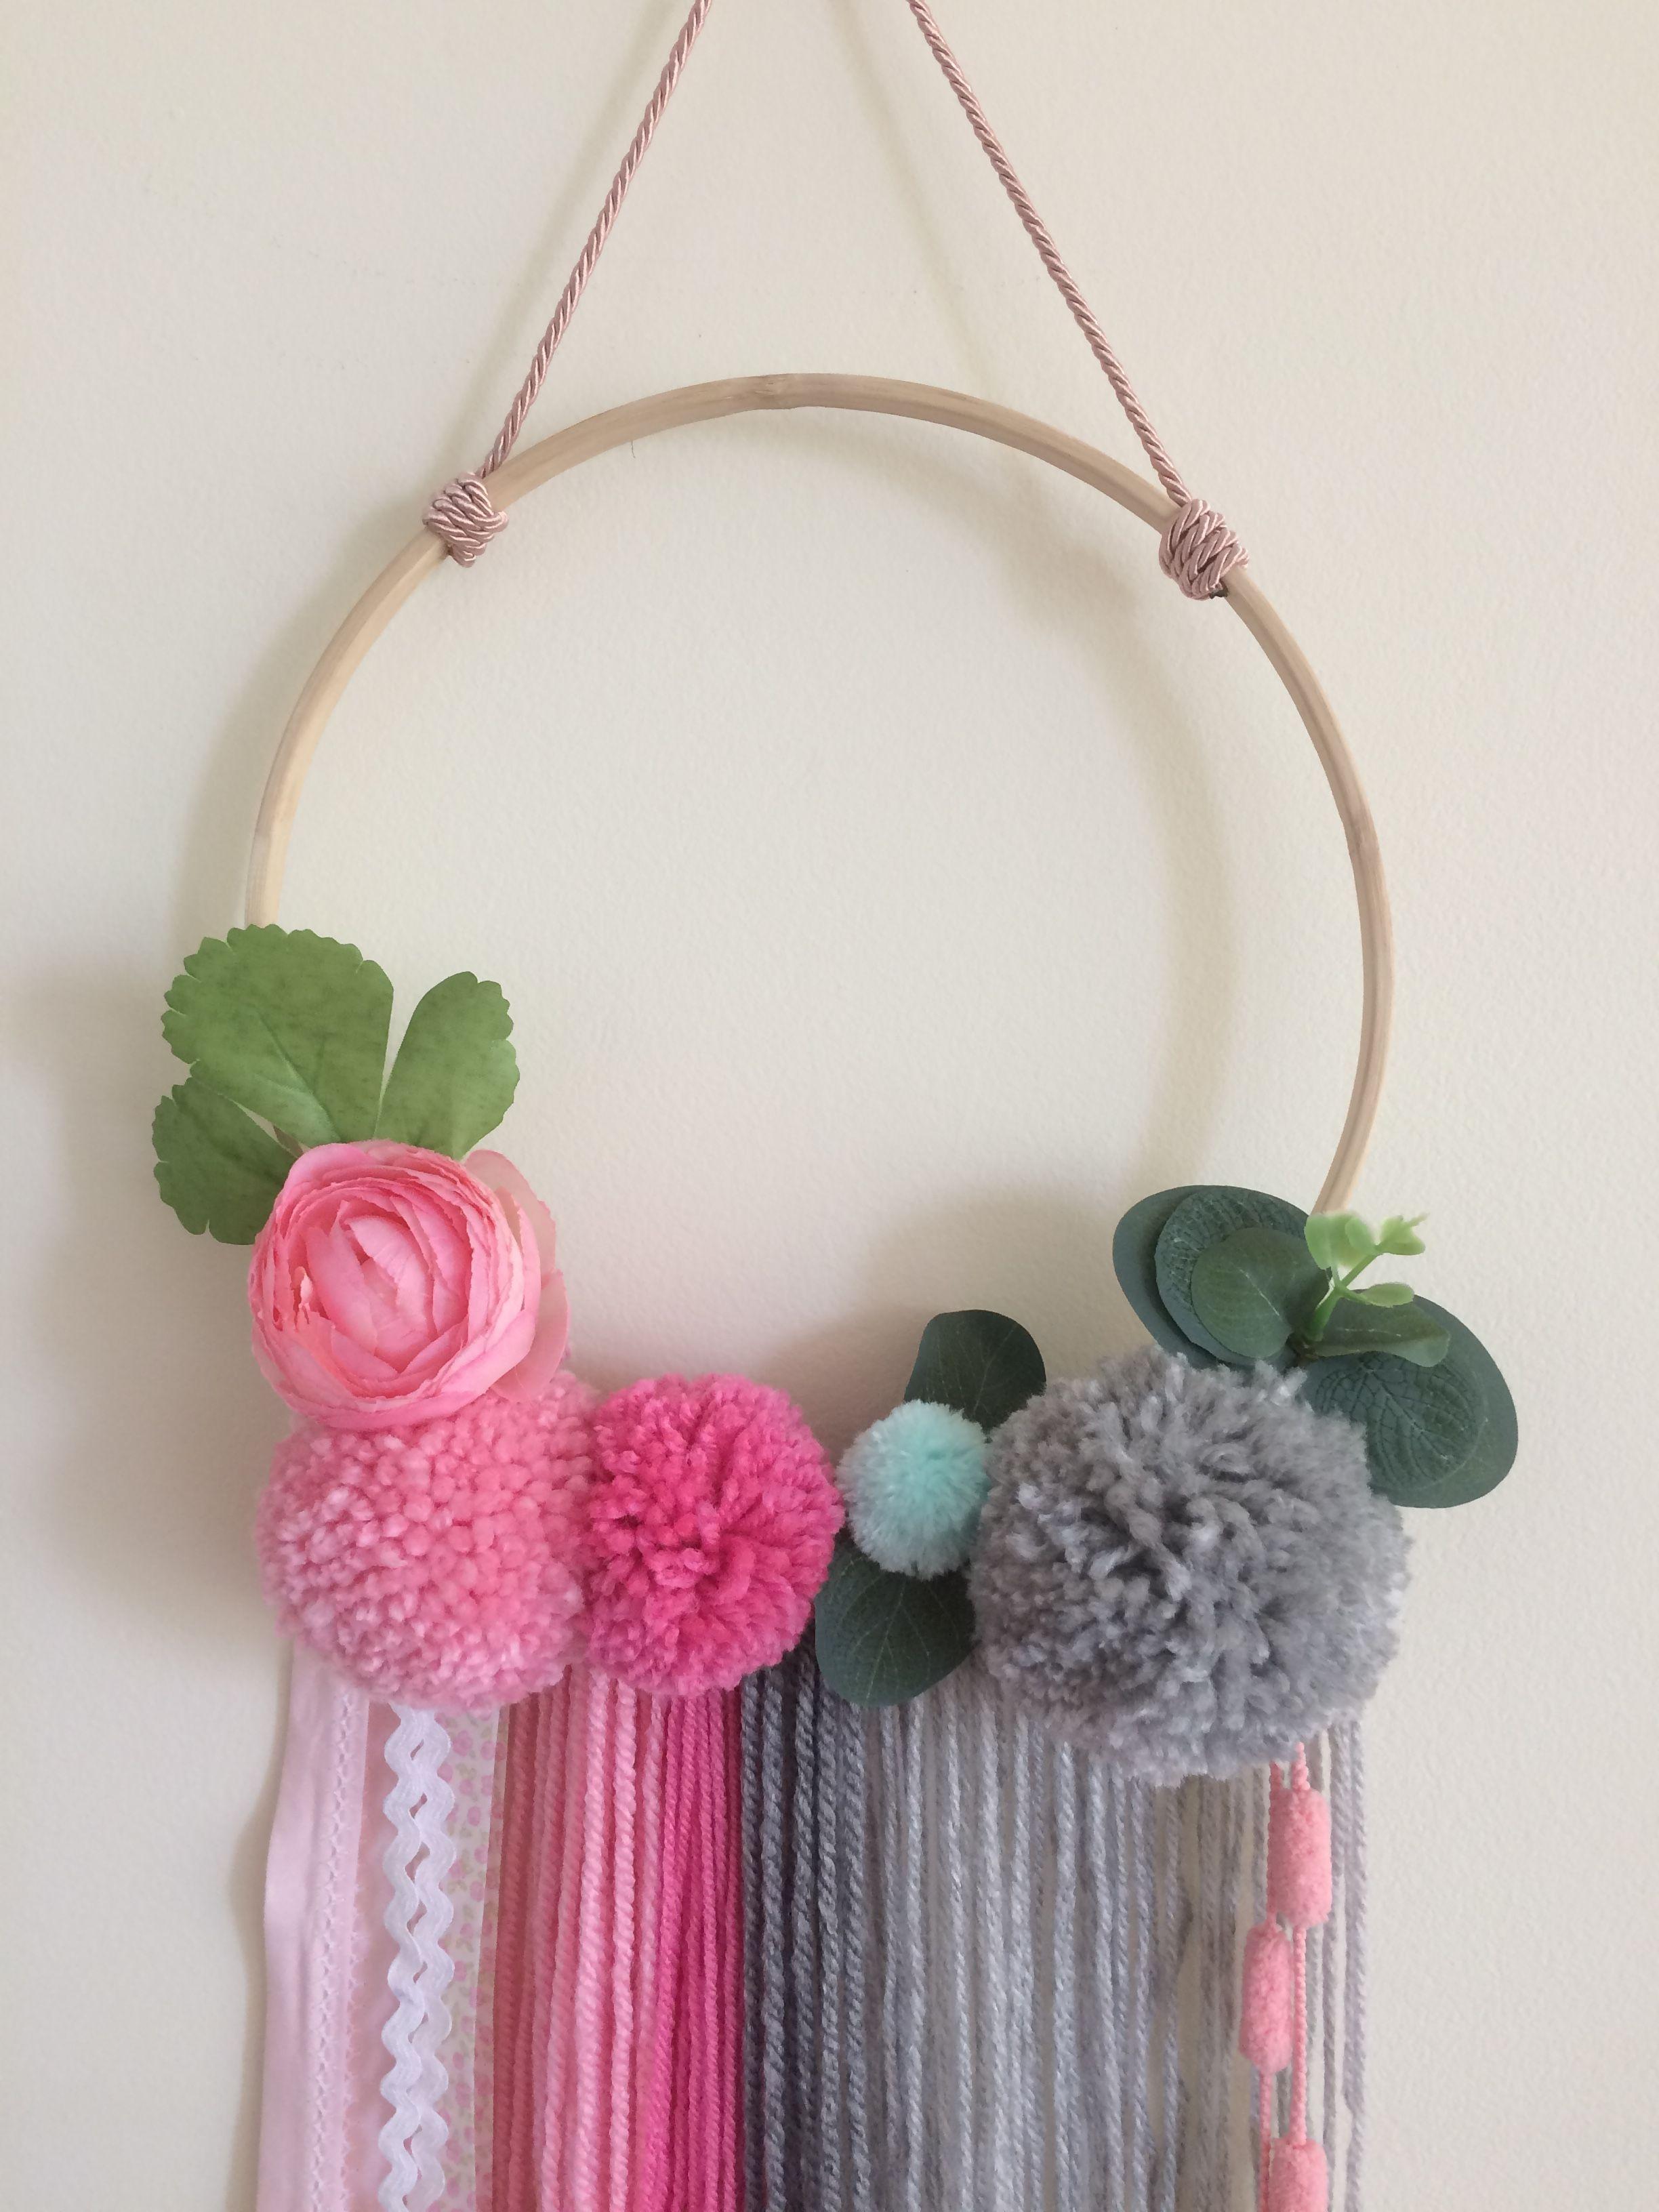 Wall Hanging Baby Shower Gift Dream Catcher Handmade